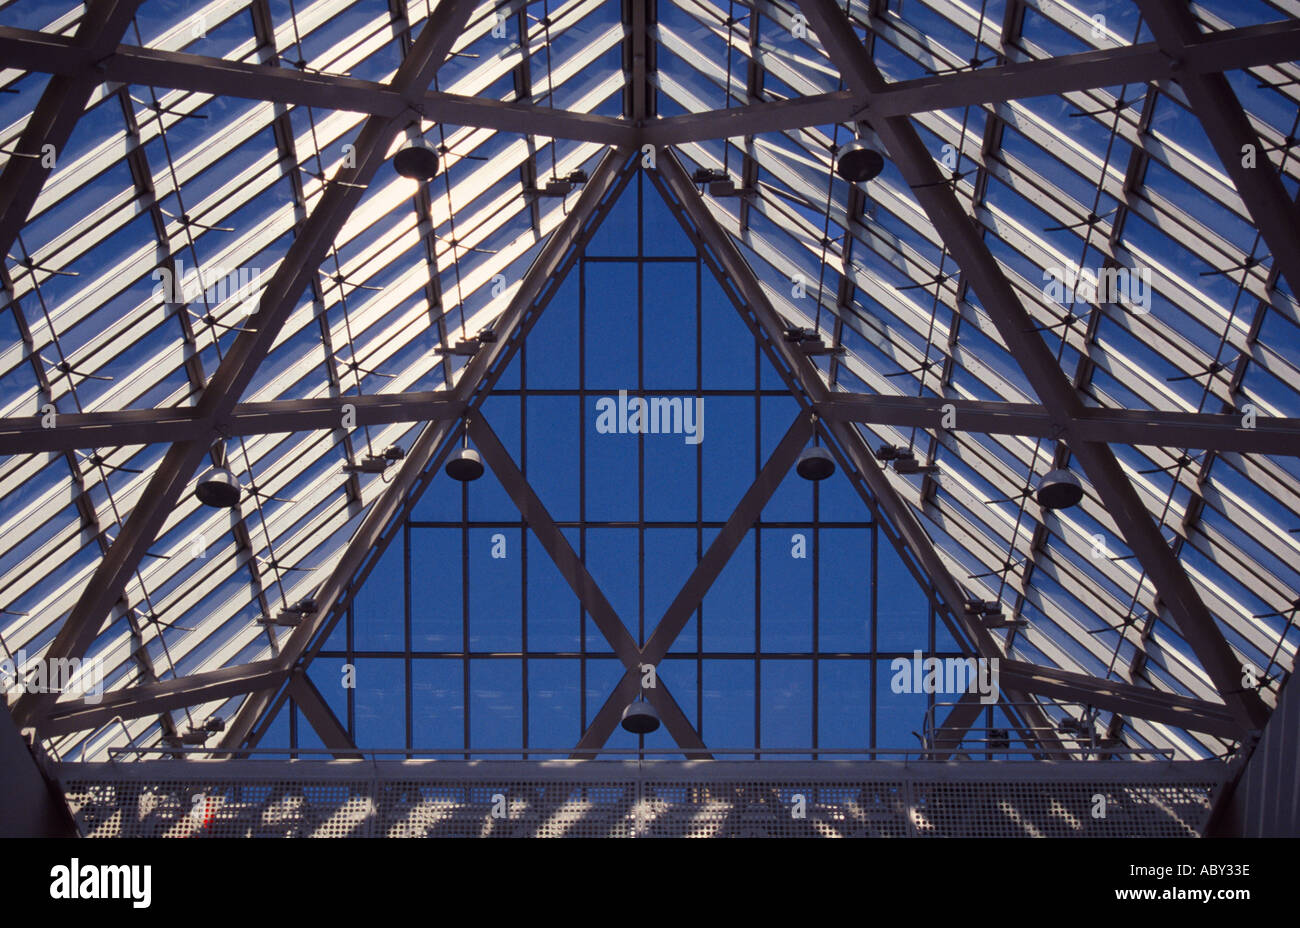 Atrium du Musée National de Copenhague Danemark Nationalmuseet Banque D'Images